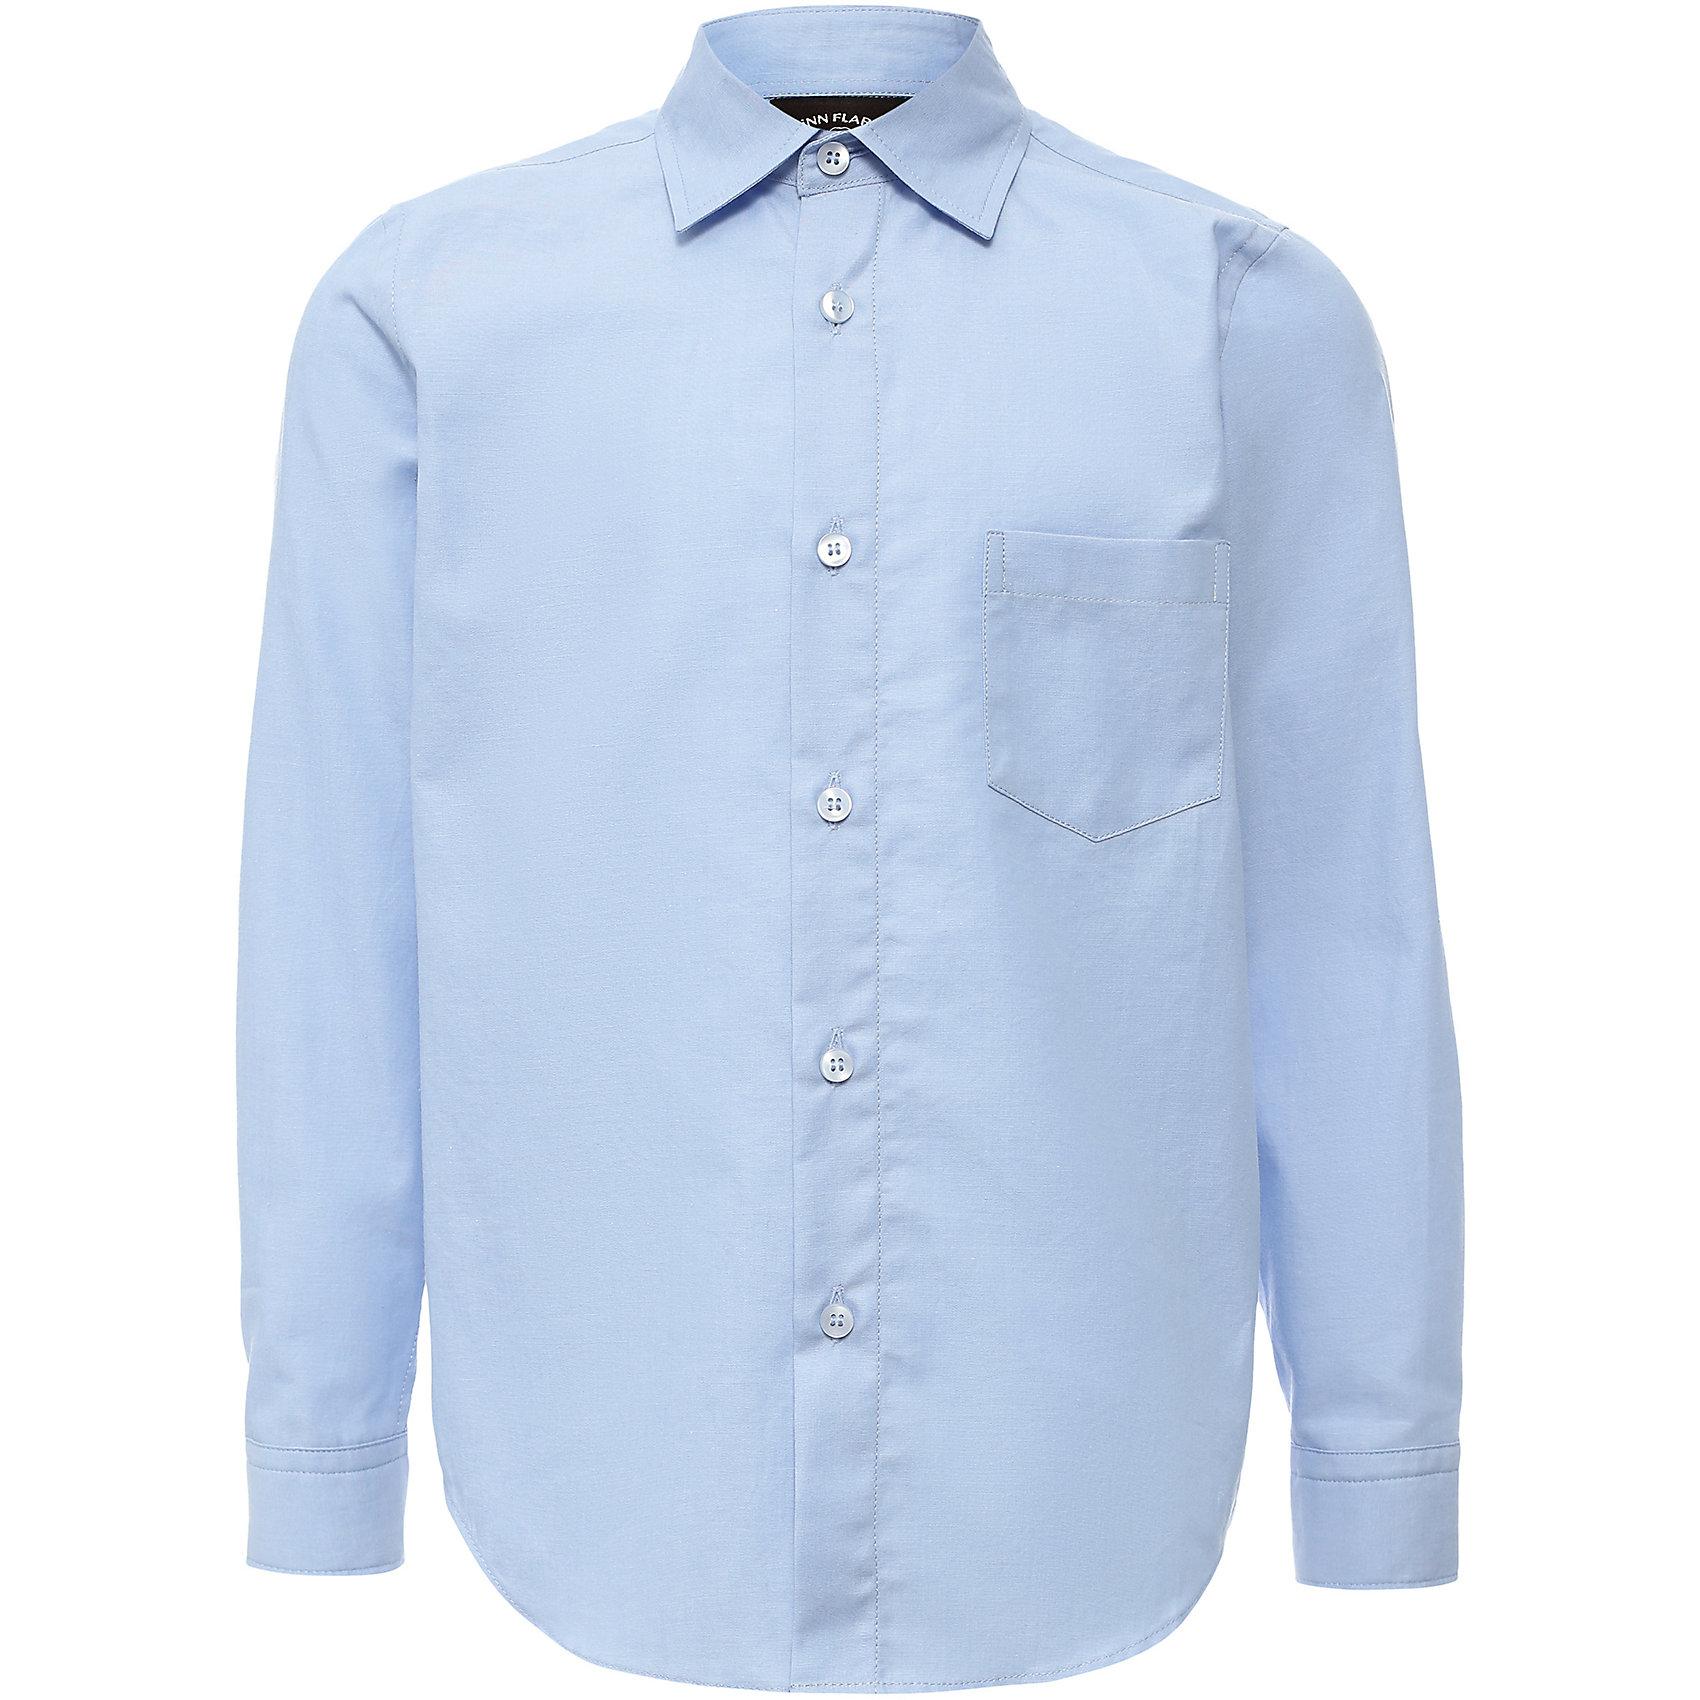 Рубашка для мальчика Finn FlareБлузки и рубашки<br>Рубашка для мальчика известной марки Finn Flare.<br><br>Школьная рубашка для мальчика предназначена для повседневной носки. Рубашка сочетается с брюками и джинсами, наверх можно надеть джемпер. Рубашка застегивается на пуговицы, есть манжеты на пуговицах и нагрудный карман. Рубашка легко стирается и гладится, полностью хлопковая, приятная к телу. <br><br>Фактура материала: Текстильный<br>Вид застежки: Пуговицы<br>Длина рукава: Длинные<br>Тип карманов: Накладные<br><br>Состав: 100% хлопок<br><br>Рубашку для мальчика Finn Flare можно купить в нашем интернет-магазине.<br><br>Ширина мм: 174<br>Глубина мм: 10<br>Высота мм: 169<br>Вес г: 157<br>Цвет: голубой<br>Возраст от месяцев: 108<br>Возраст до месяцев: 120<br>Пол: Мужской<br>Возраст: Детский<br>Размер: 140,146,152,158,116,122,128,134<br>SKU: 4890427